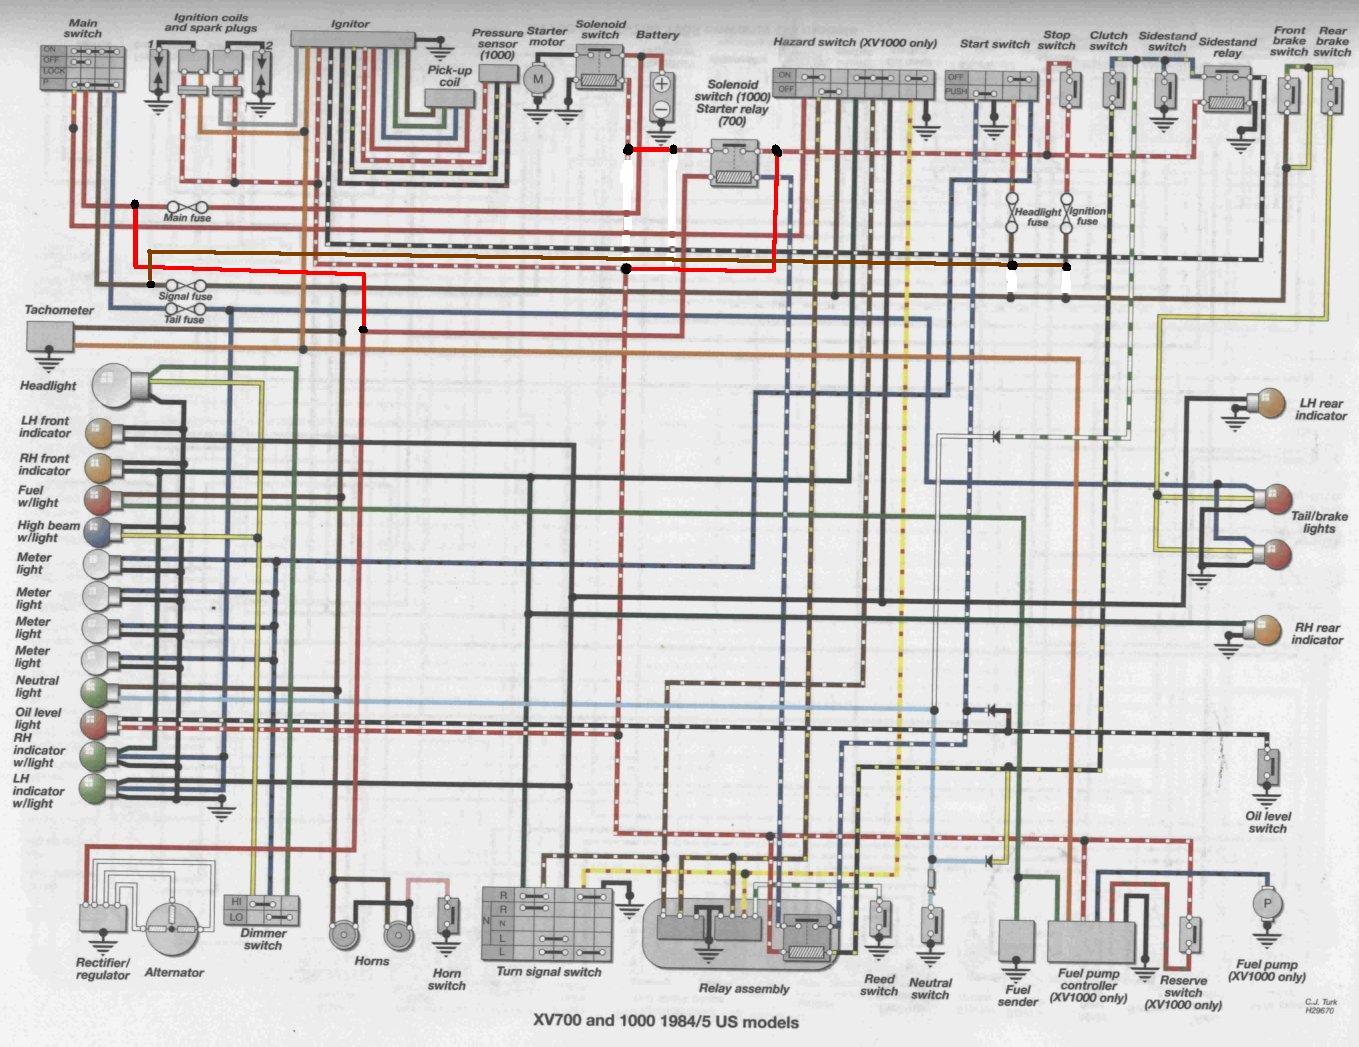 [SCHEMATICS_48EU]  1986 Virago Wiring Harness - Ds650 Wiring Diagram for Wiring Diagram  Schematics   Virago 920 Wiring Diagram      Wiring Diagram Schematics